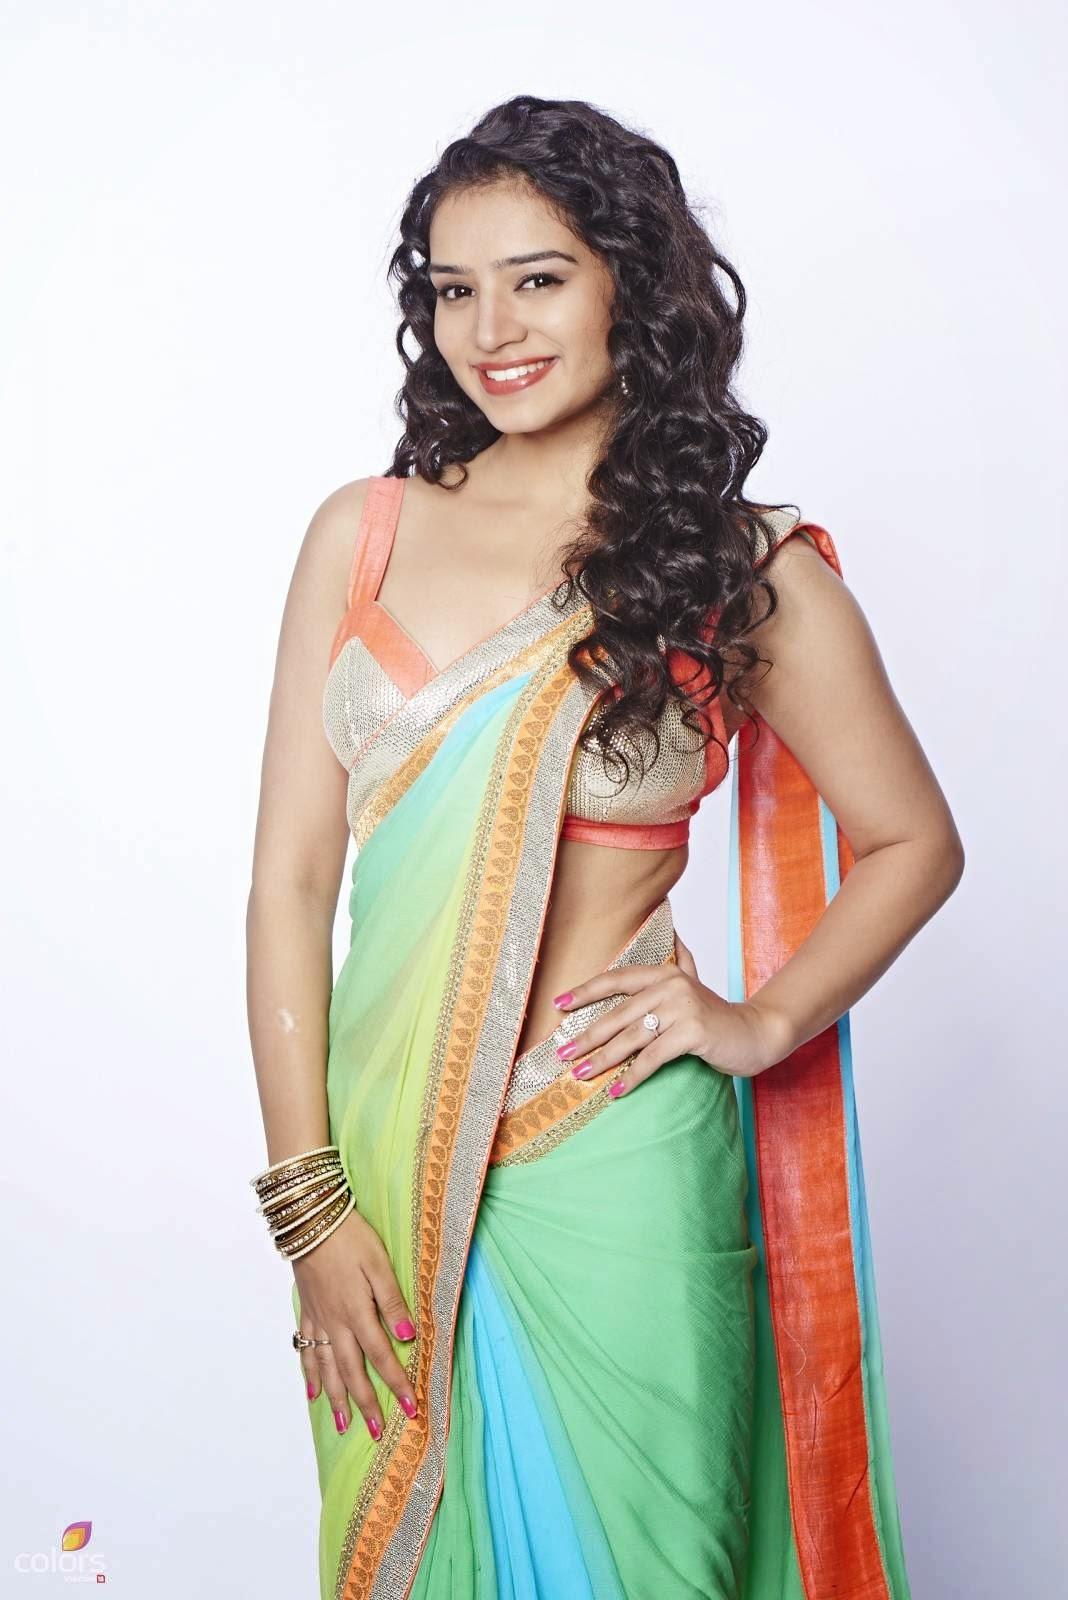 Sukirti Kandpal, Bigg Boss 8 Contestants Pics, Wiki & Biography